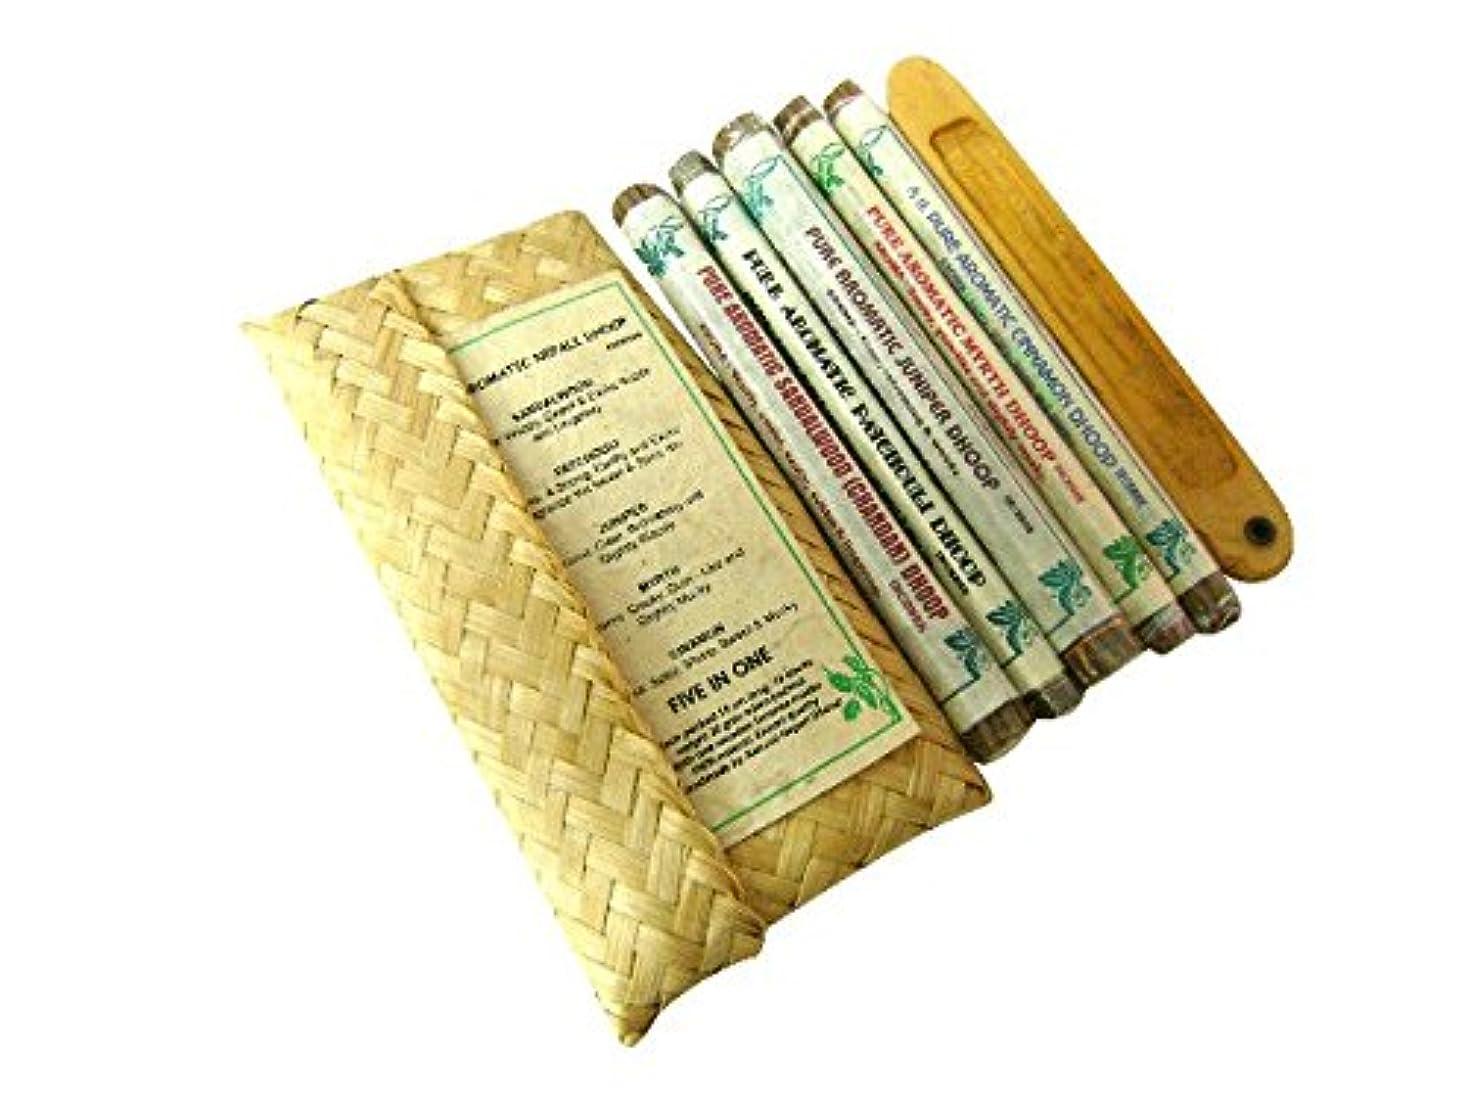 認識従事した主観的アロマティックドープ ティックドープ【5 in one gift pack お香たて付】